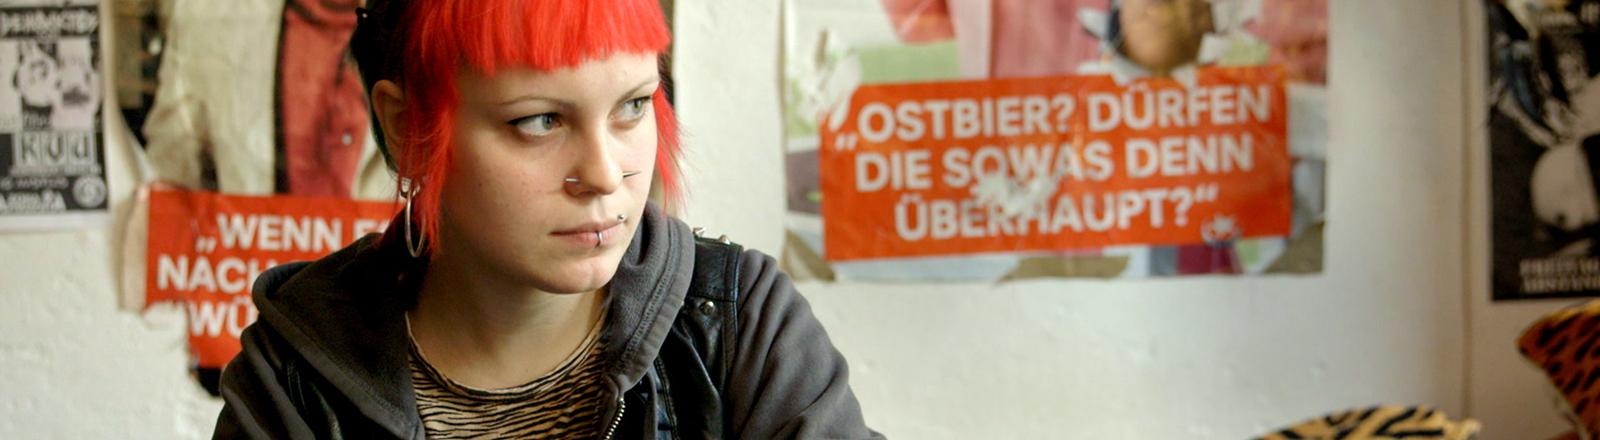 Eine Szene aus dem Film Berlin Rebel High School.